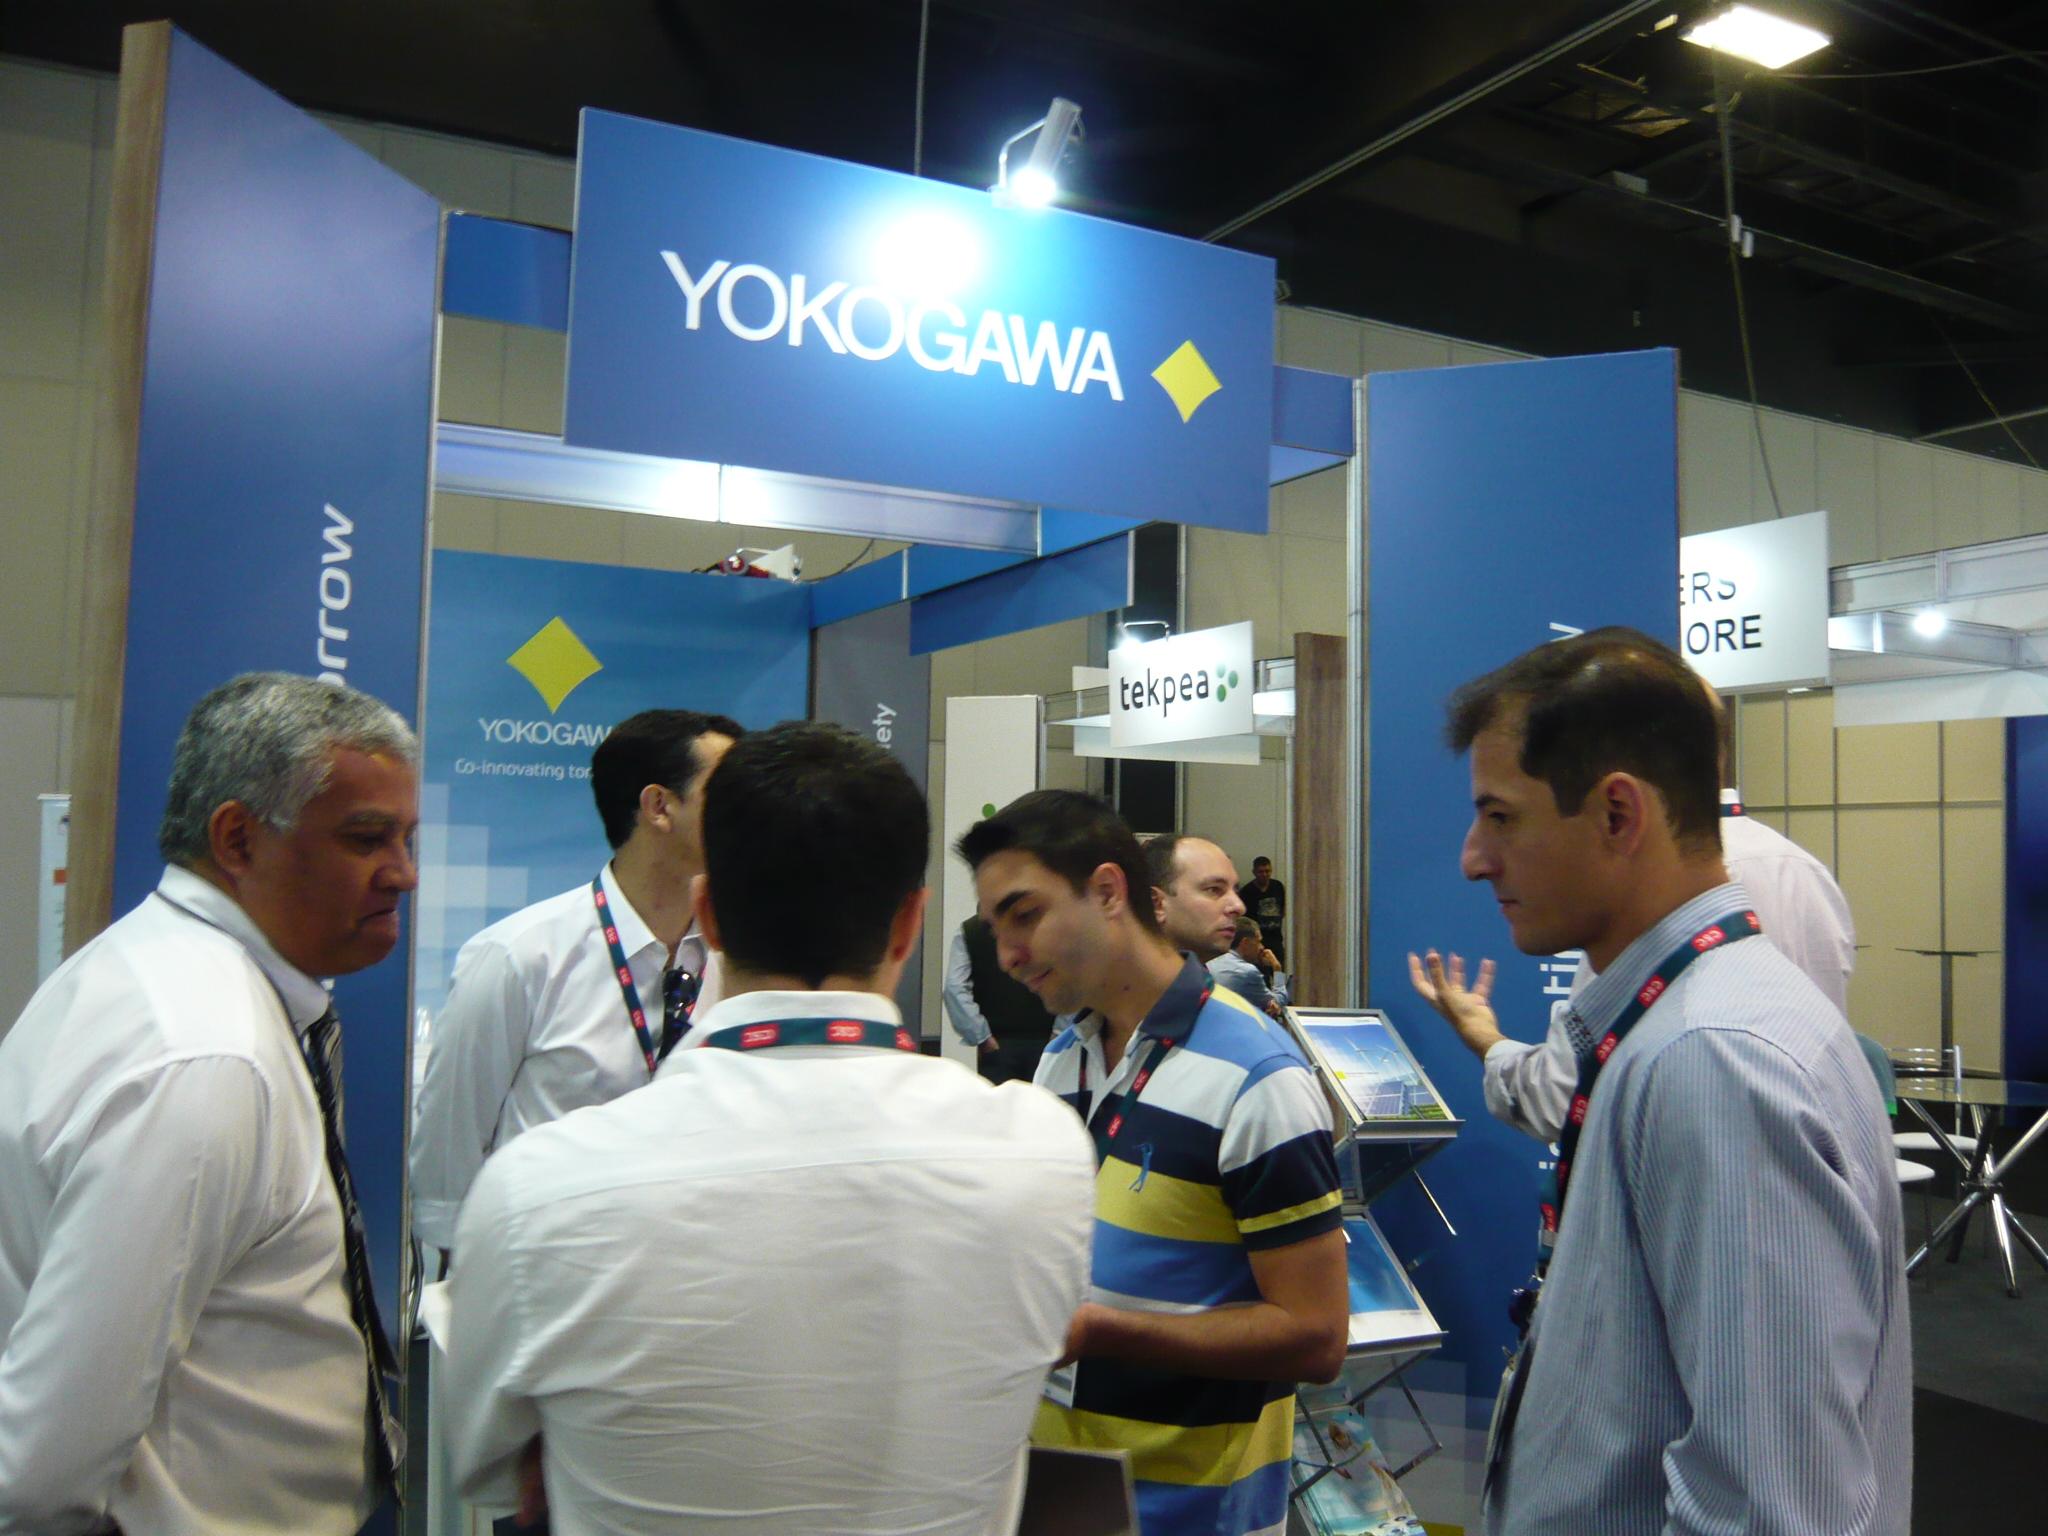 Yokogawa booth LAUW2016